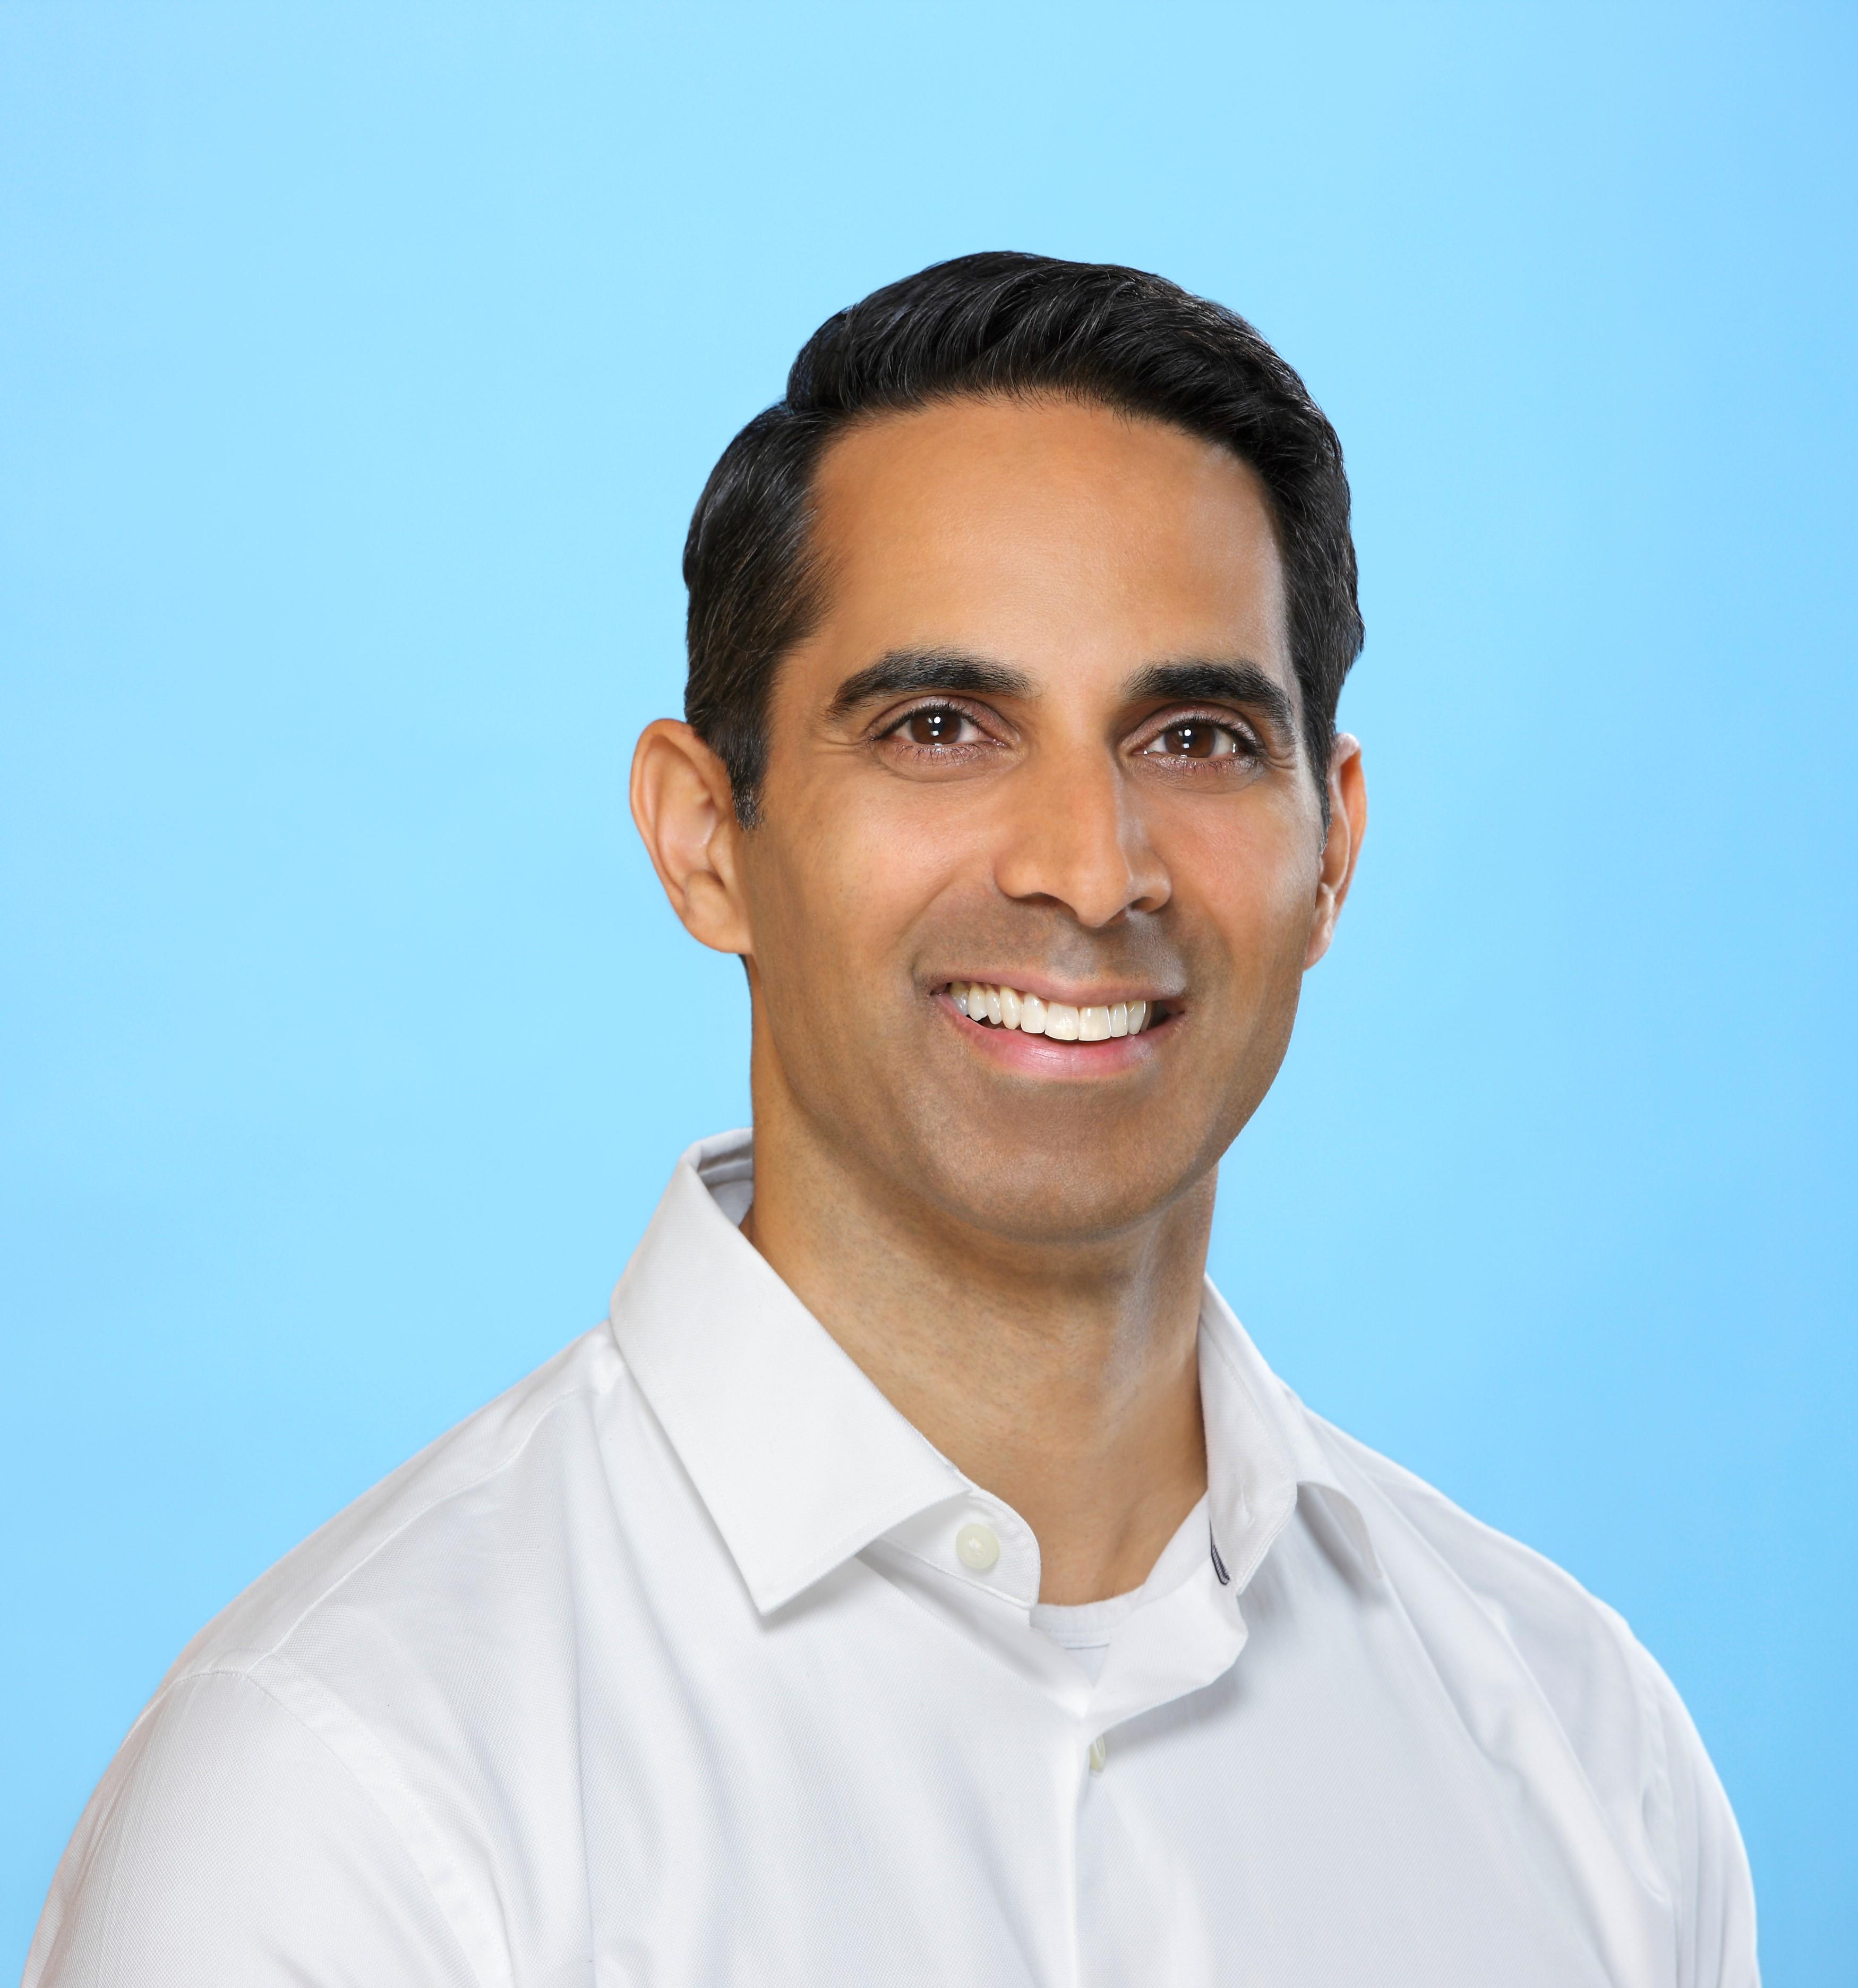 Dr. Vineet Nair